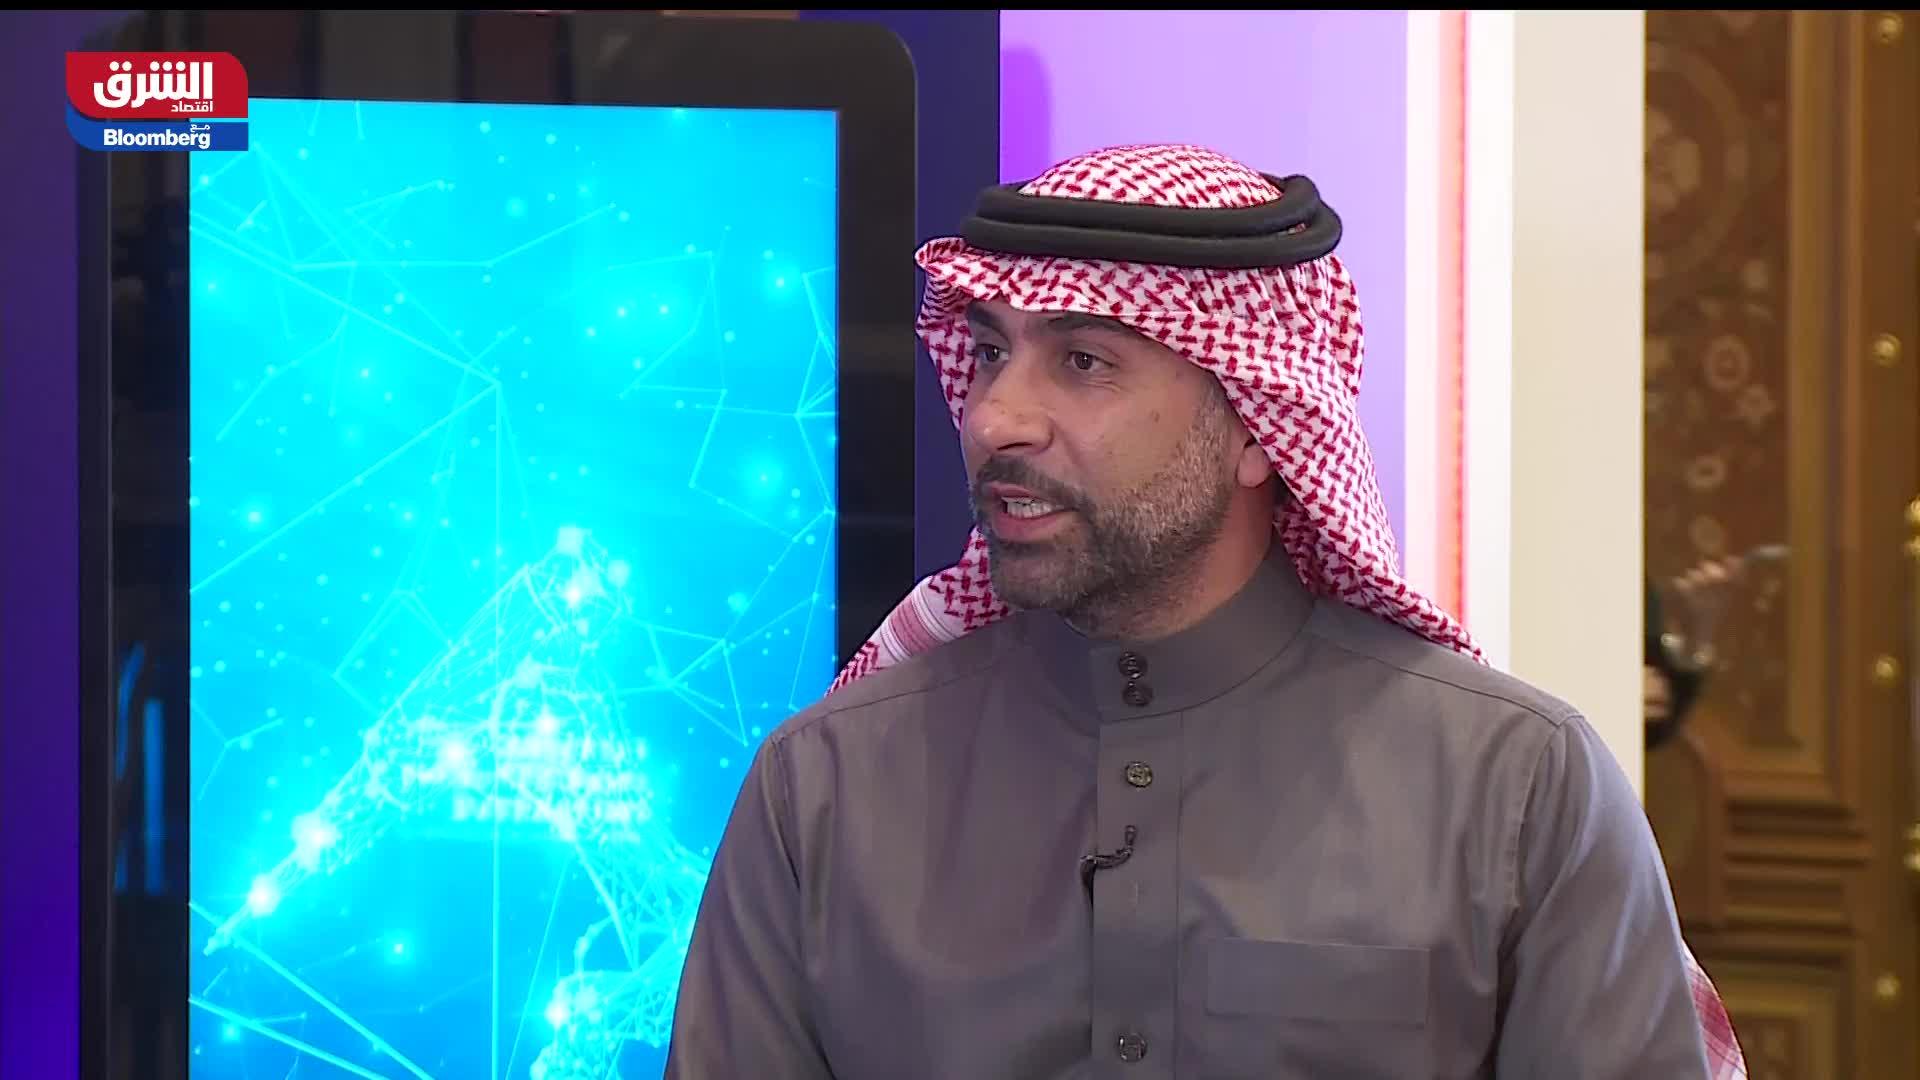 الرشيد: نستهدف أن تكون الرياض من أكبر 10 اقتصاديات مدن في العالم